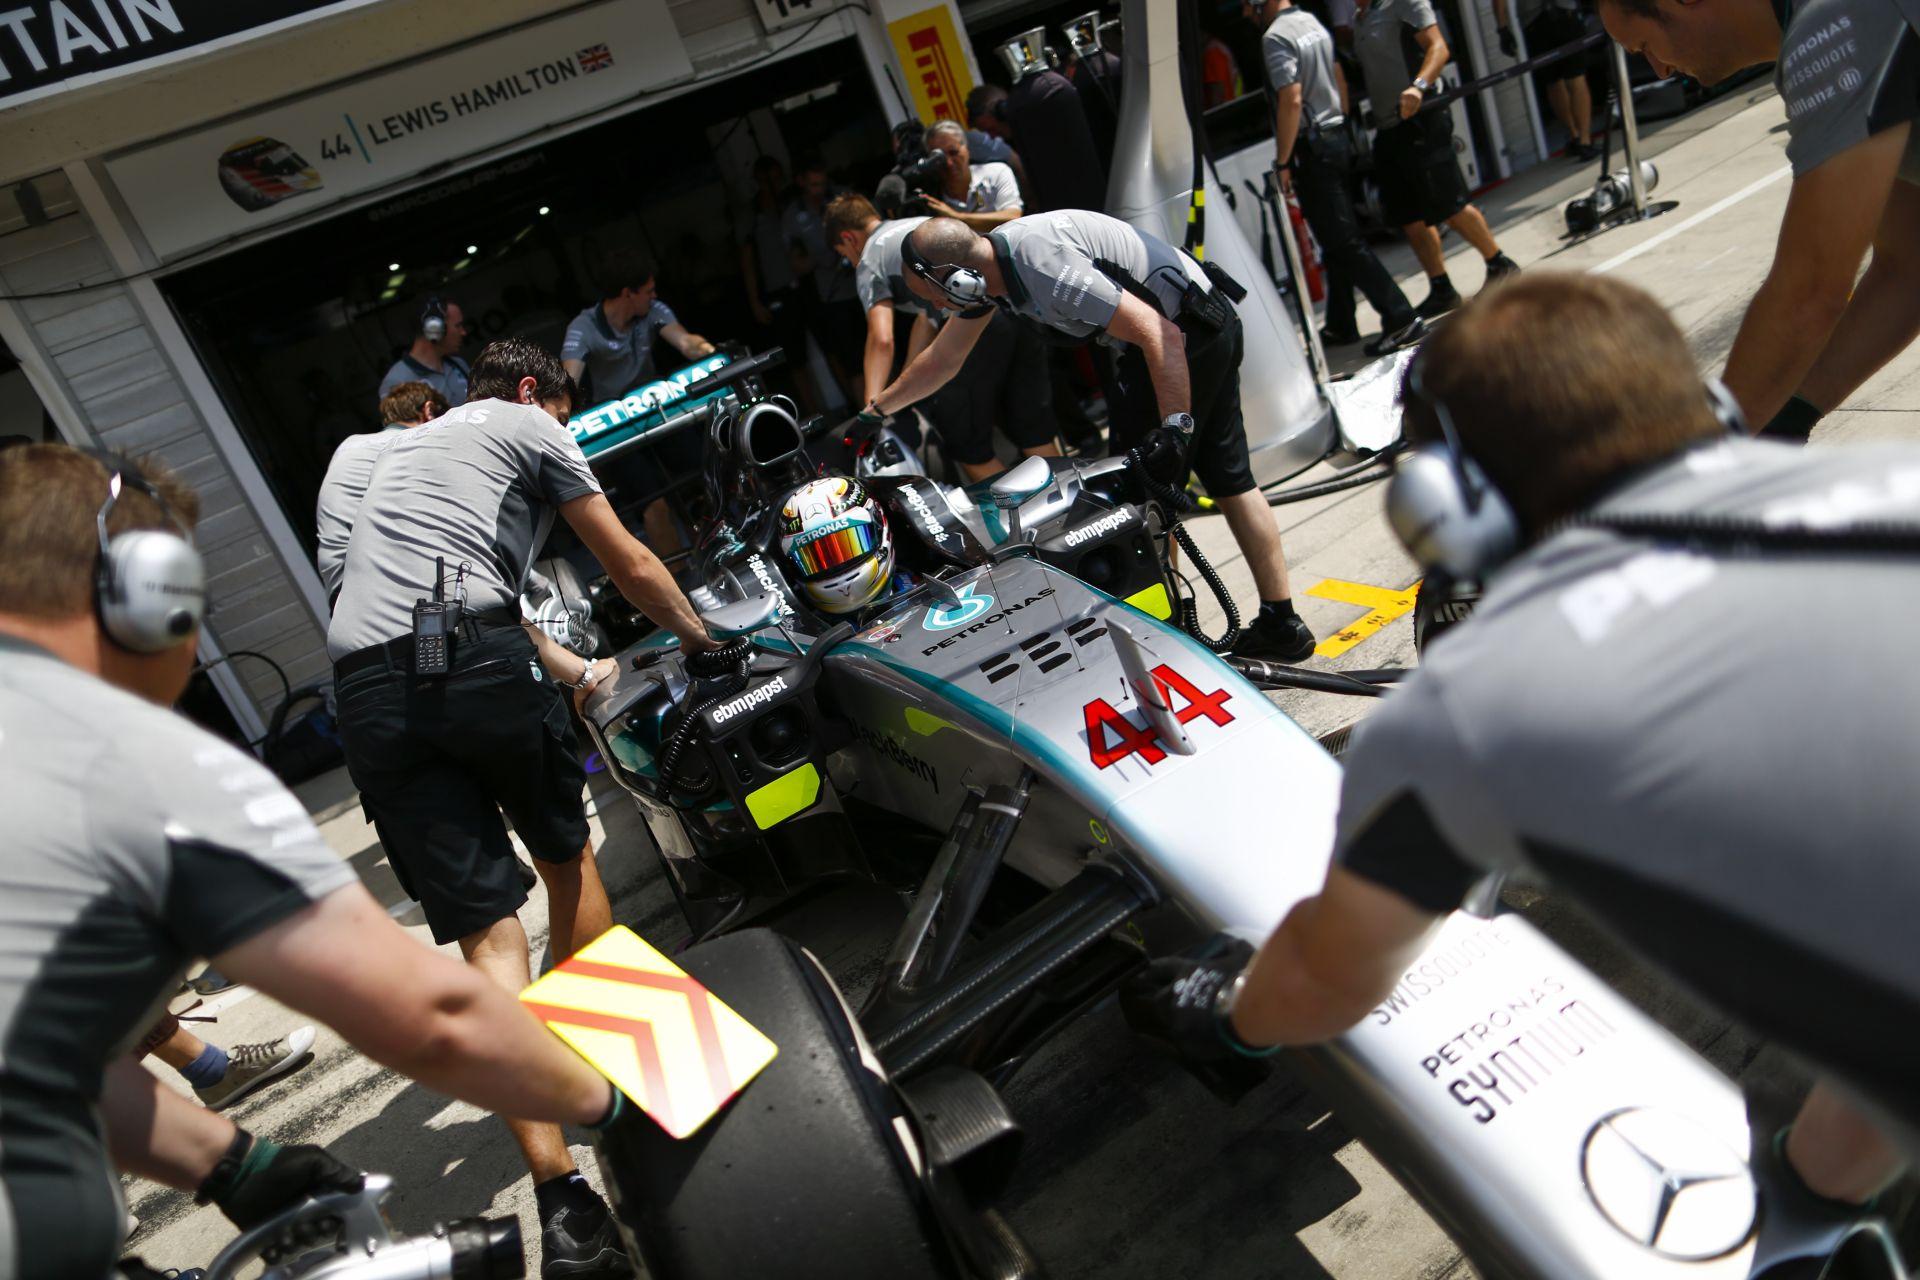 Mercedes: Megtehettük volna, hogy keményebben szólunk rá Hamiltonra, és odahívjon a rádióhoz a főnököt!